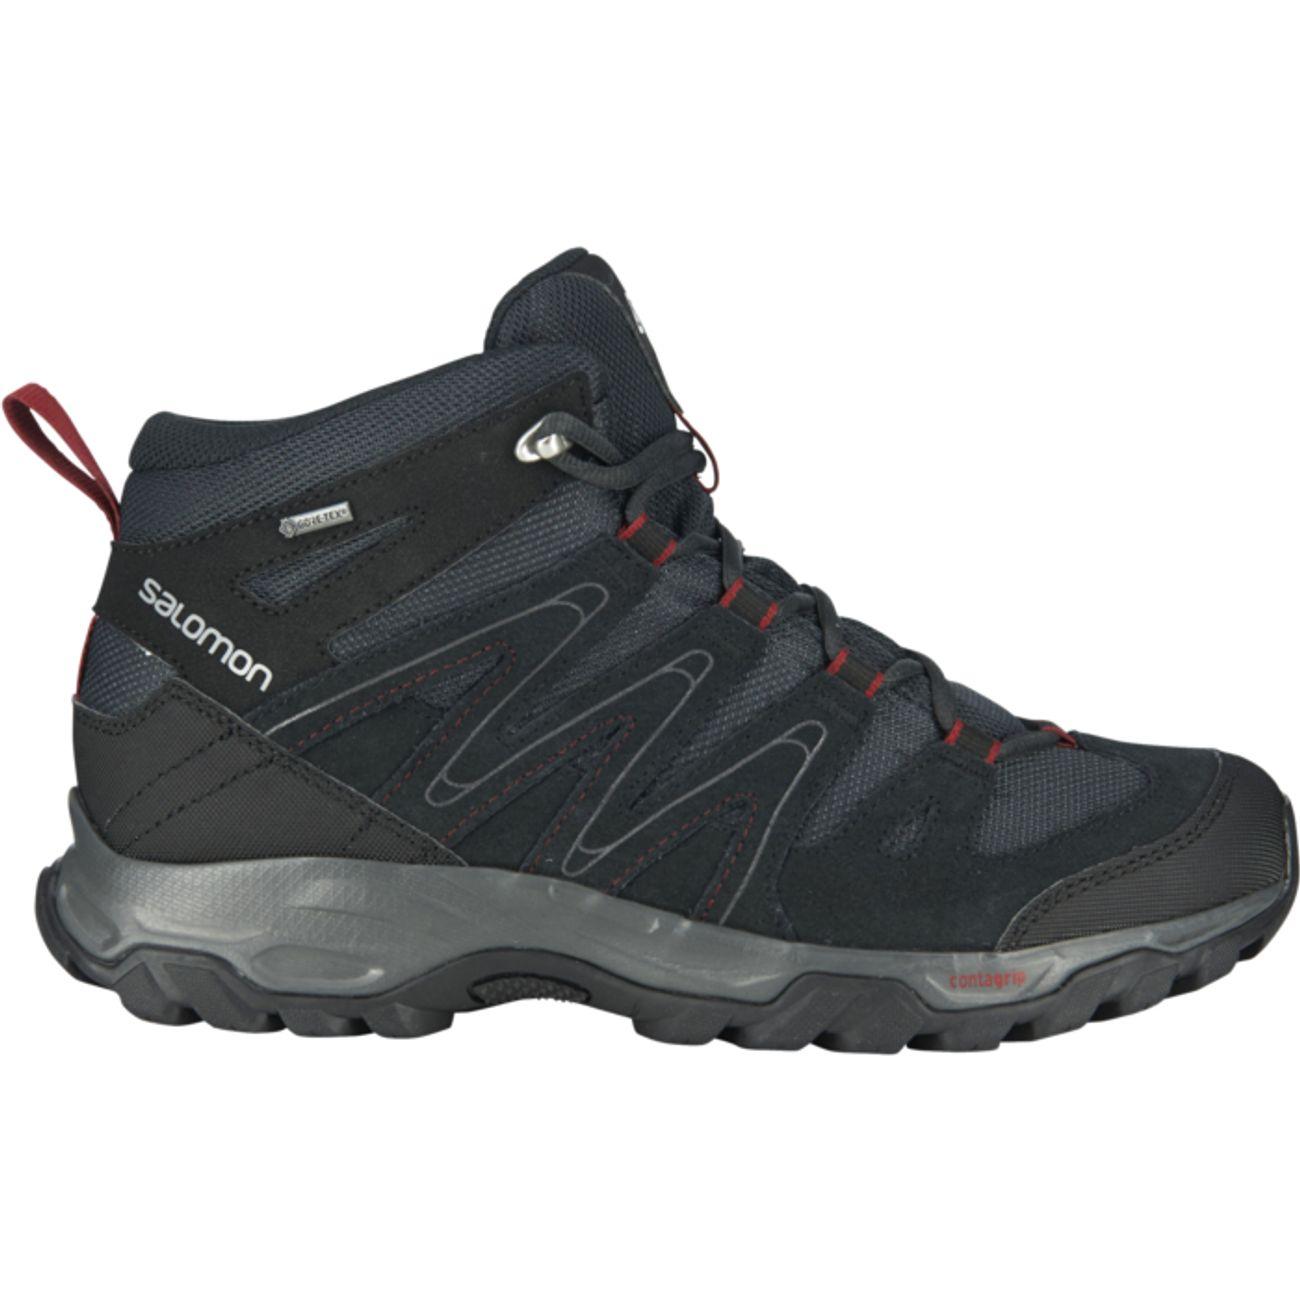 Salomon X Ultra 2 - Chaussures Femme - gris 37 1/3 2017 Chaussures trekking & randonnée 0PVlLzRz